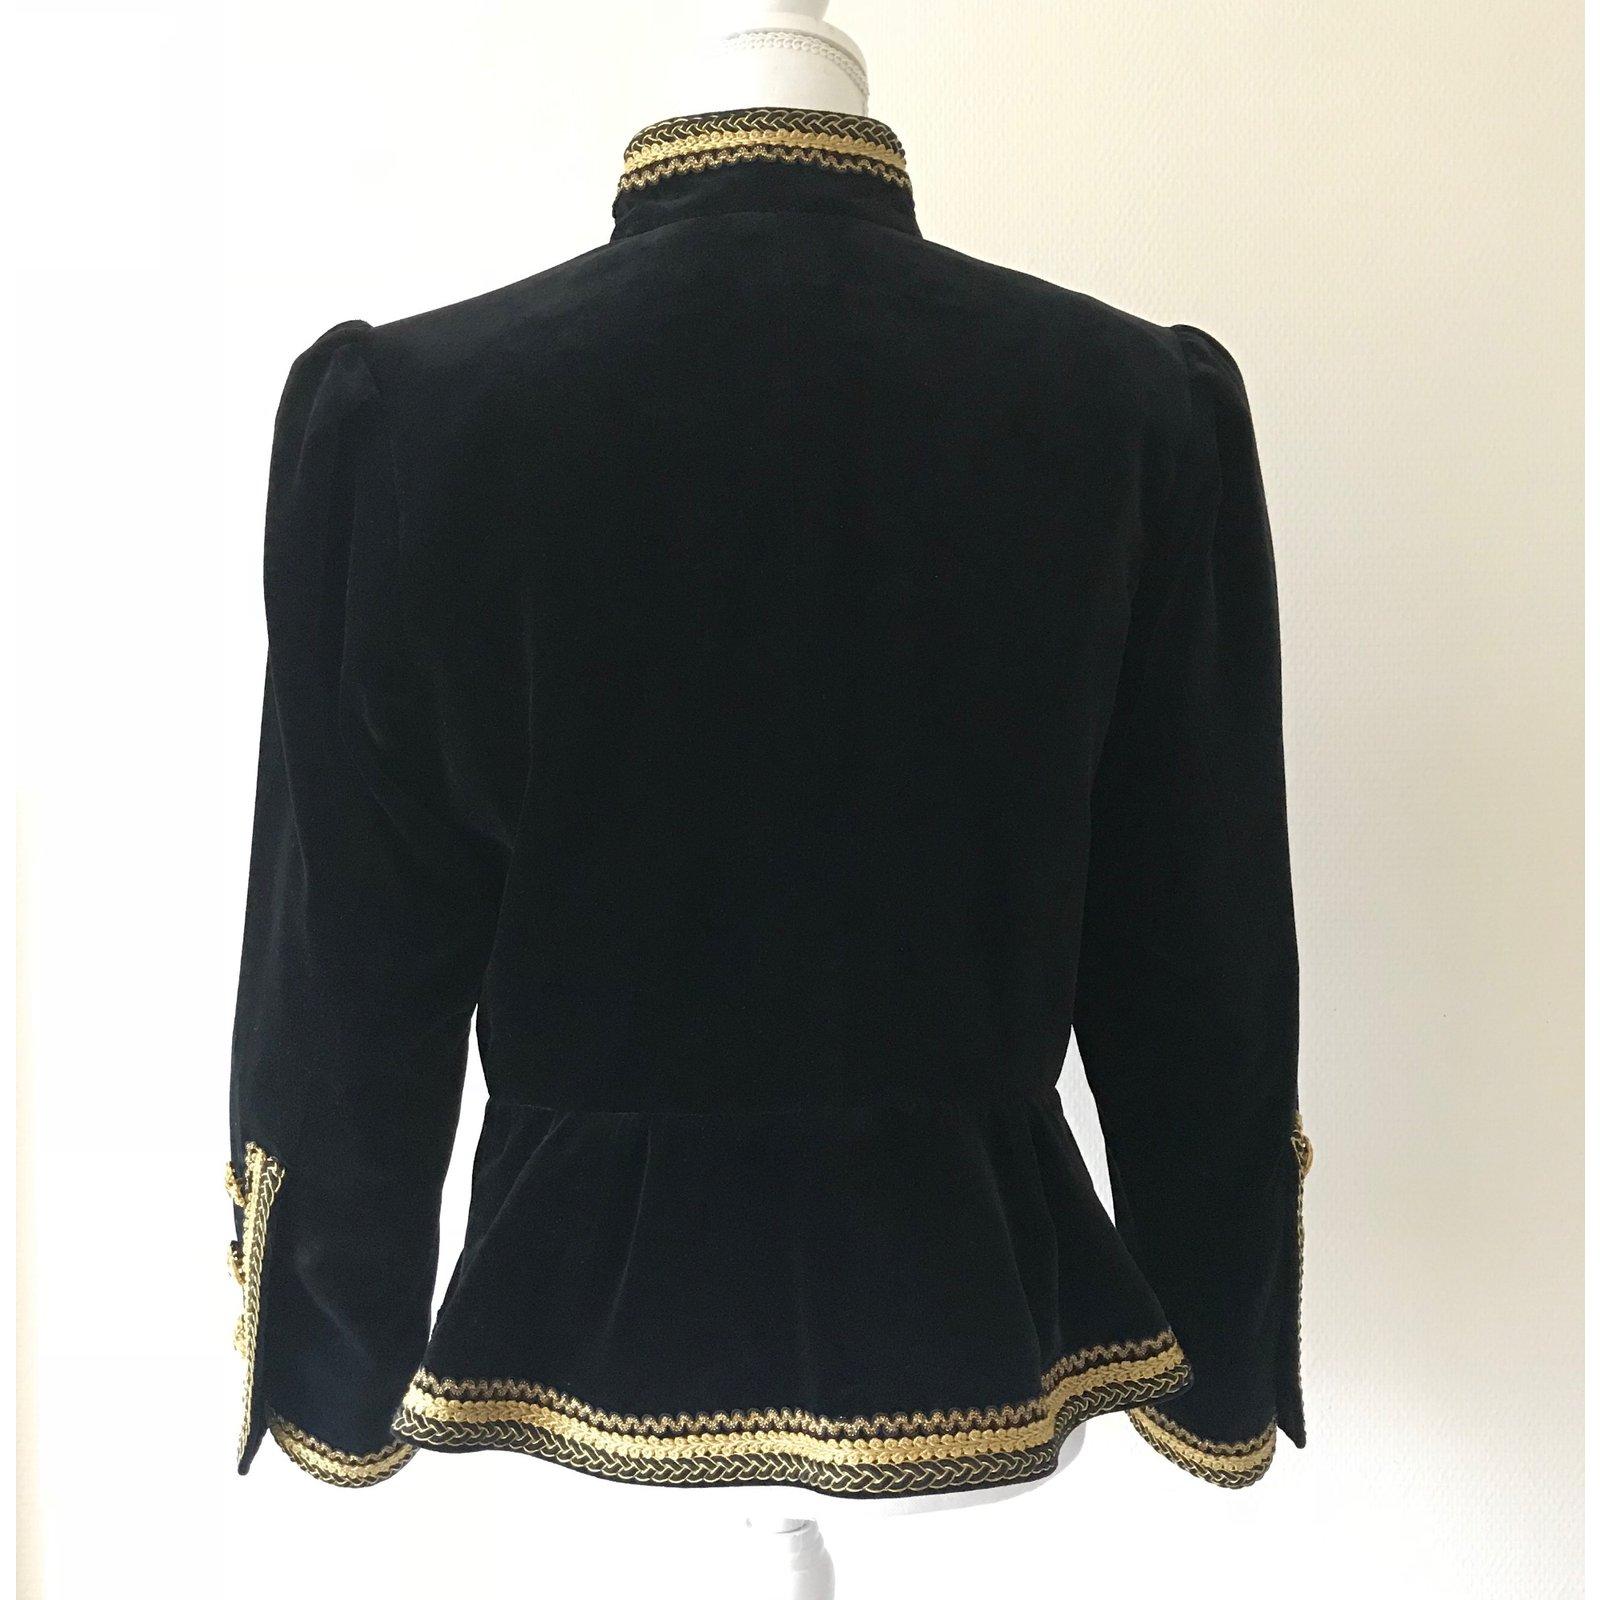 40d156c8d3d Yves Saint Laurent Velvet Jacket Jackets Velvet,Cotton Black,Golden  ref.87829 - Joli Closet